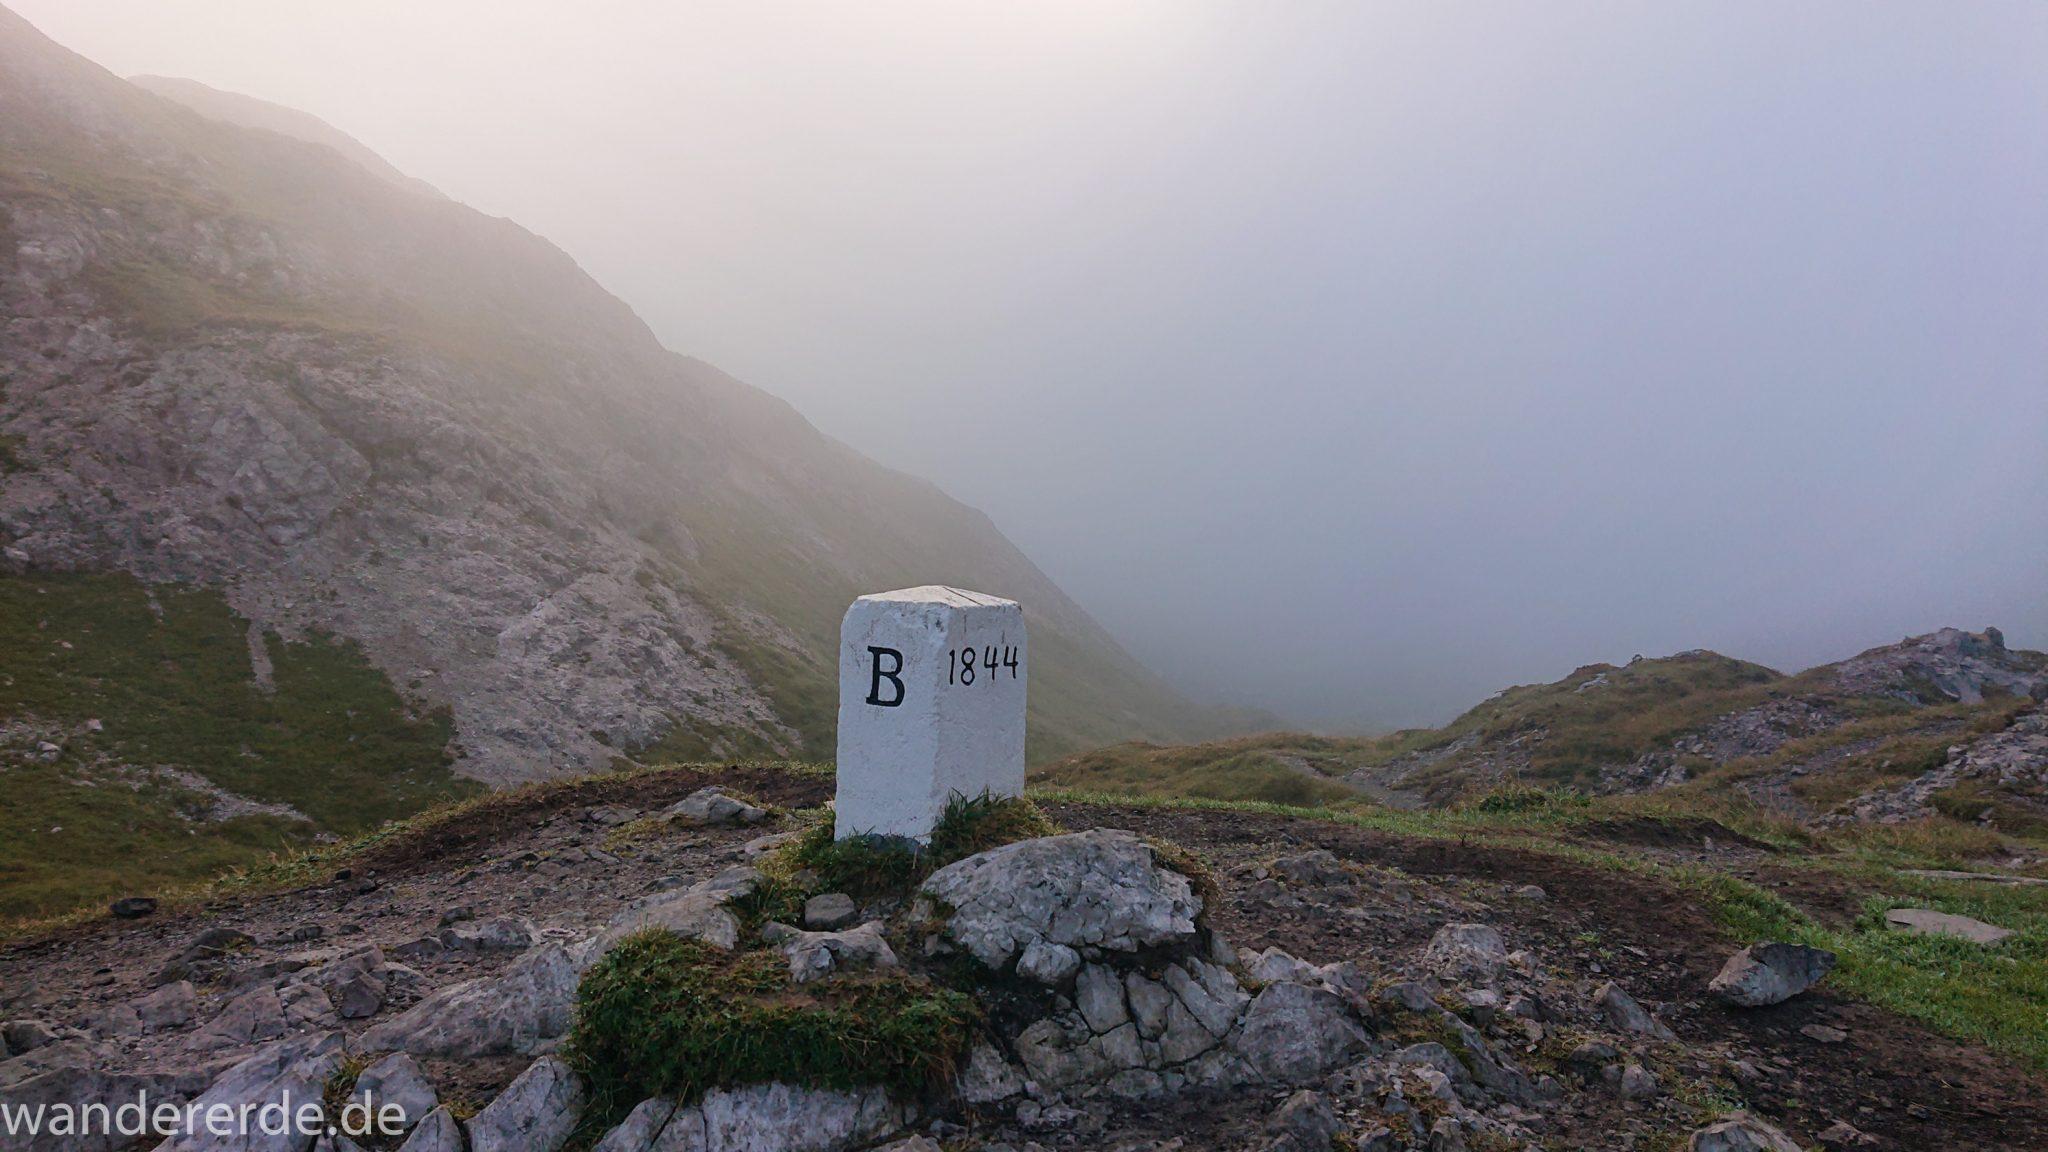 Alpenüberquerung Fernwanderweg E5 Oberstdorf Meran, 2. Etappe von Kemptner Hütte zur Memminger Hütte, Grenze von Deutschland nach Österreich, Grenzstein unweit der Kemptner Hütte beim Mädelejoch nach kurzem Aufstieg, weitere Wanderung mit eingeschränkter Sicht wegen Nebel, beeindruckende Landschaft mit Bergen